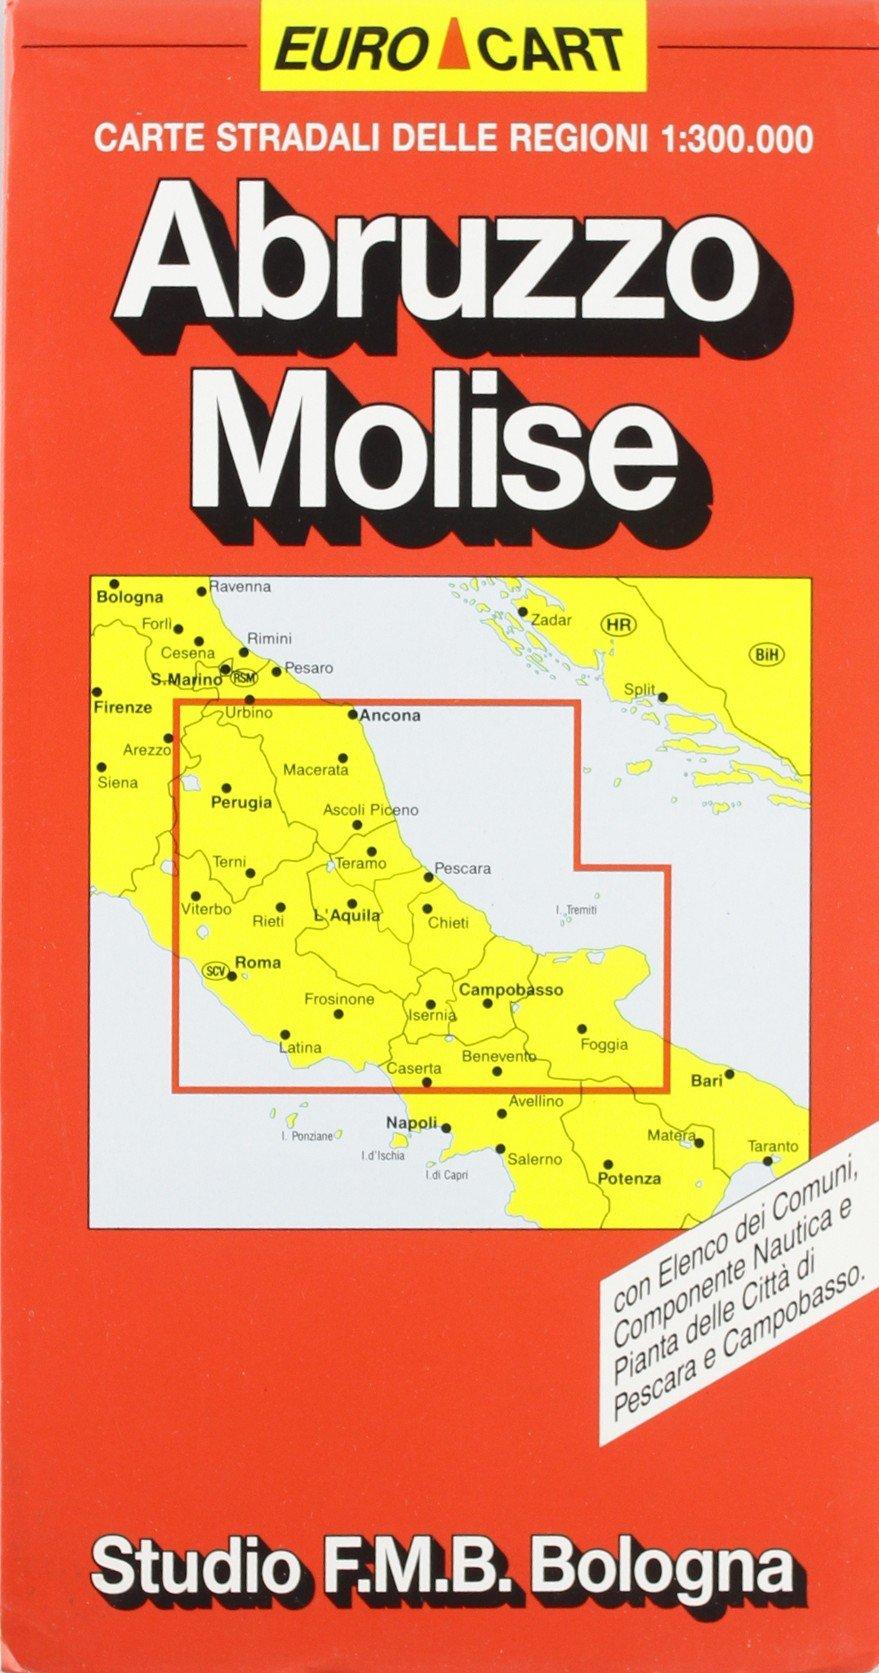 Abruzzo Molise Con Elenco Dei Comuni Componente Nautica E